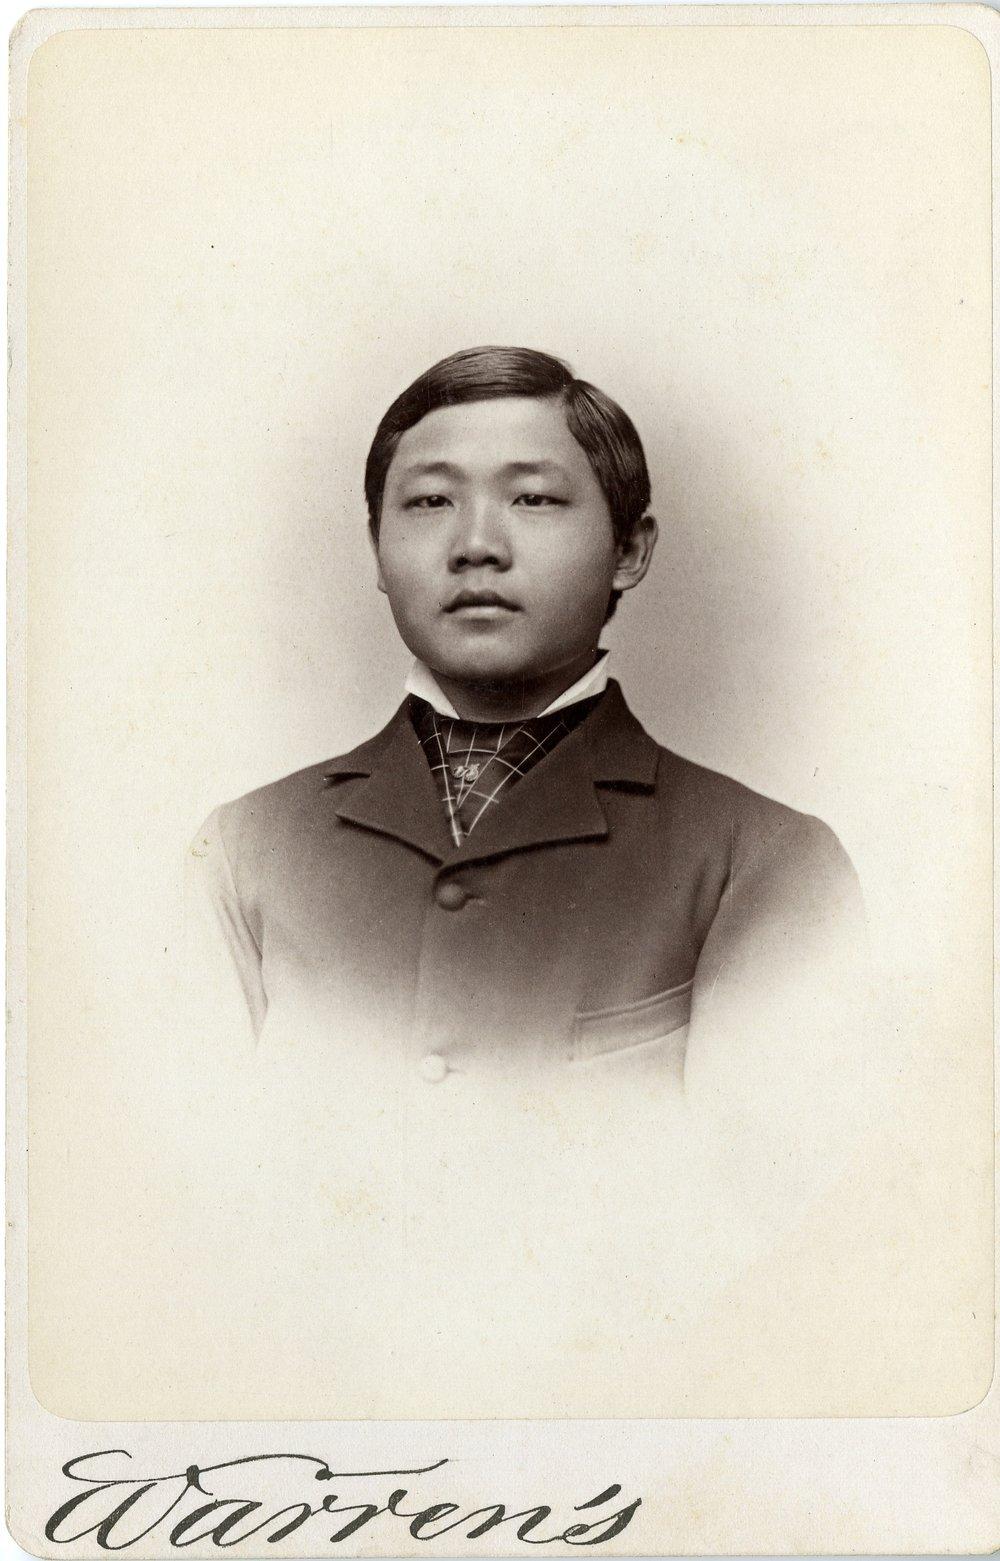 Yung Chung Kwong